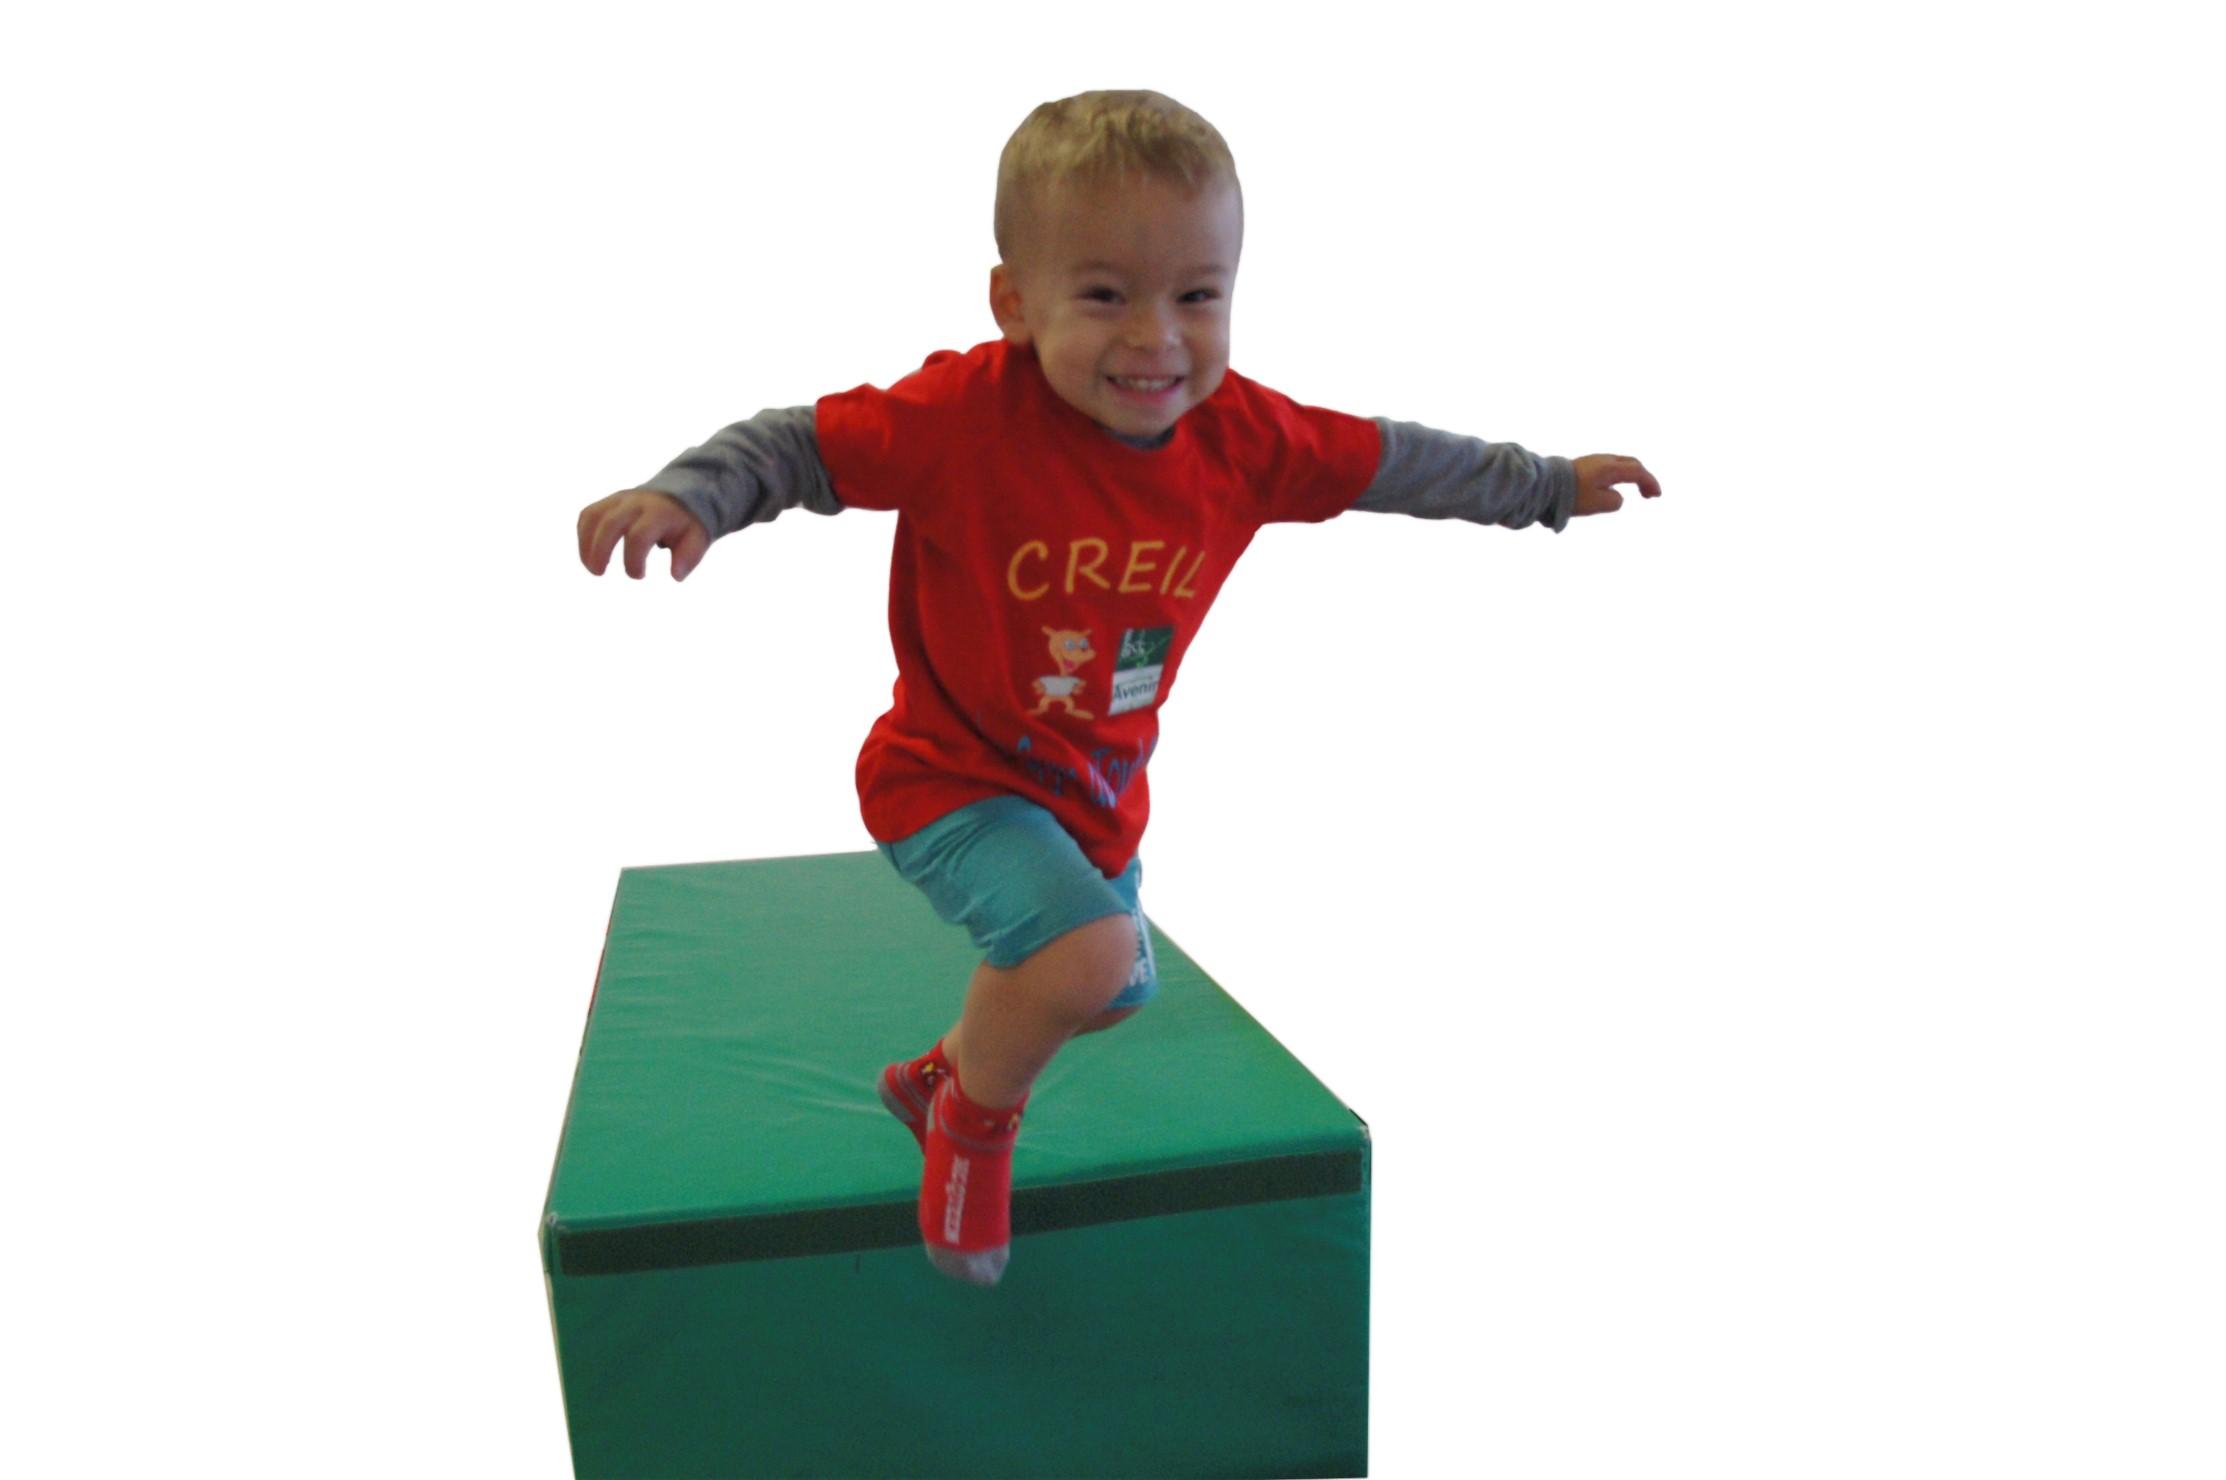 La Gym pour les enfants de 4 ans (2017)